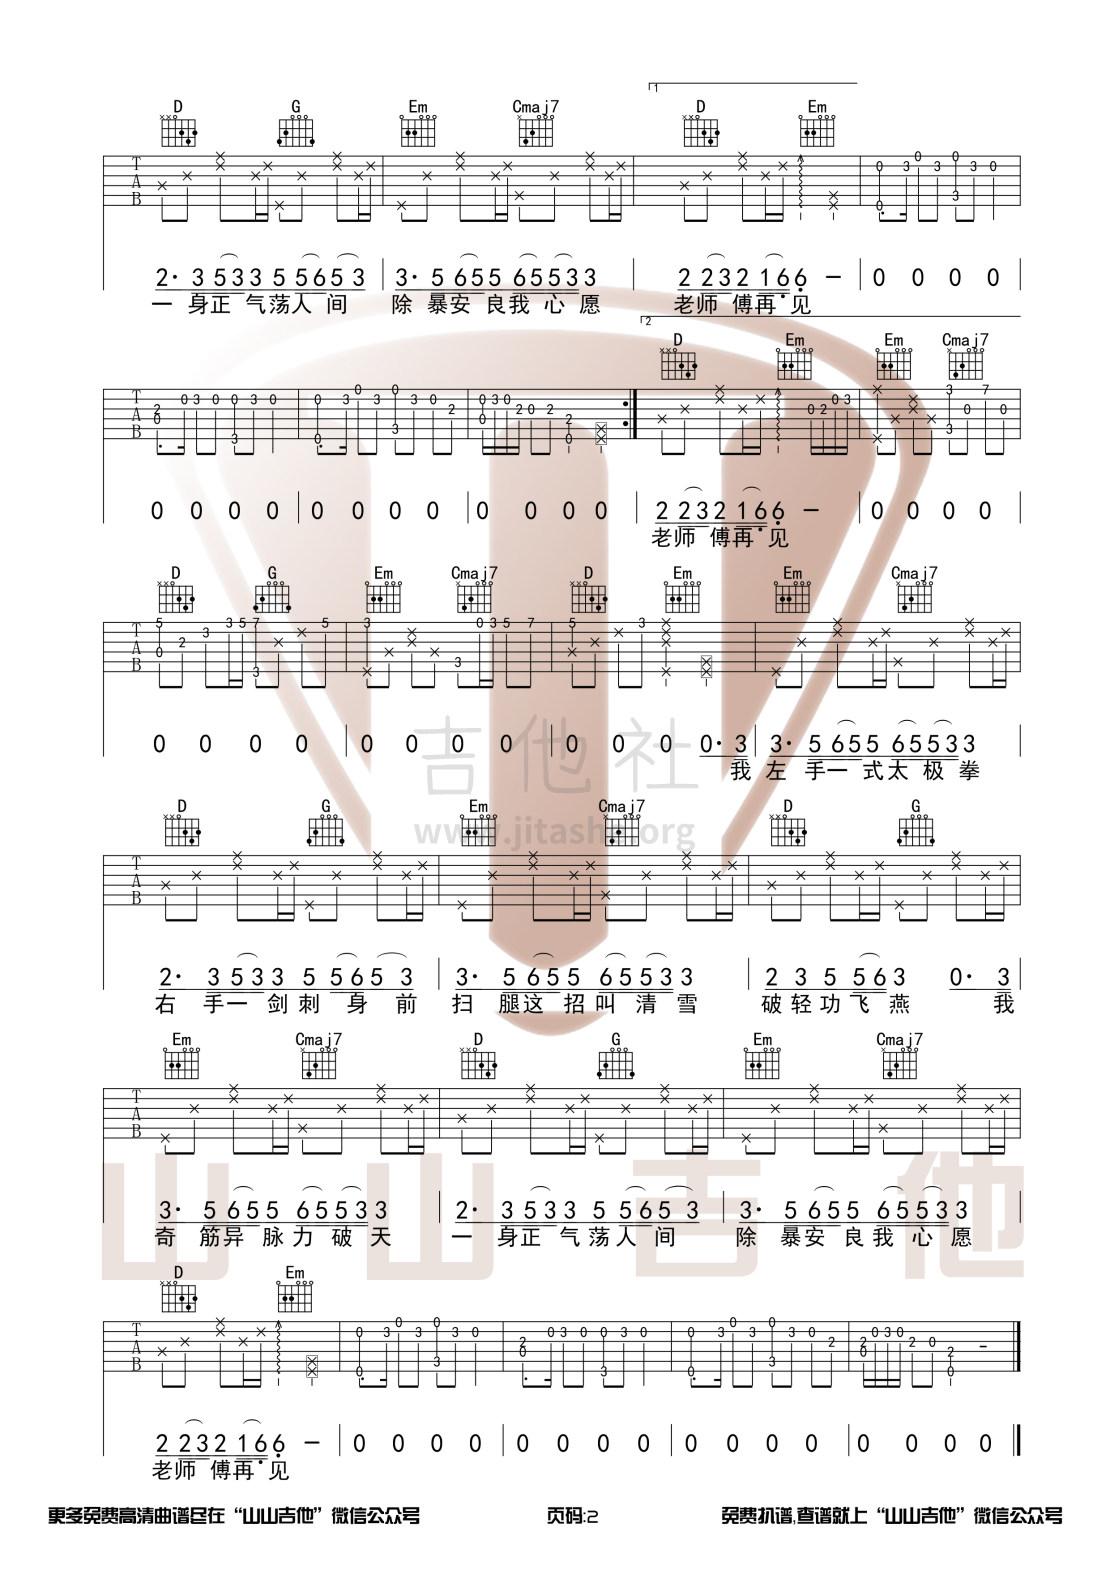 下山(原版吉他谱+演奏视频 山山吉他)吉他谱(图片谱,弹唱)_要不要买菜_下山2.jpg